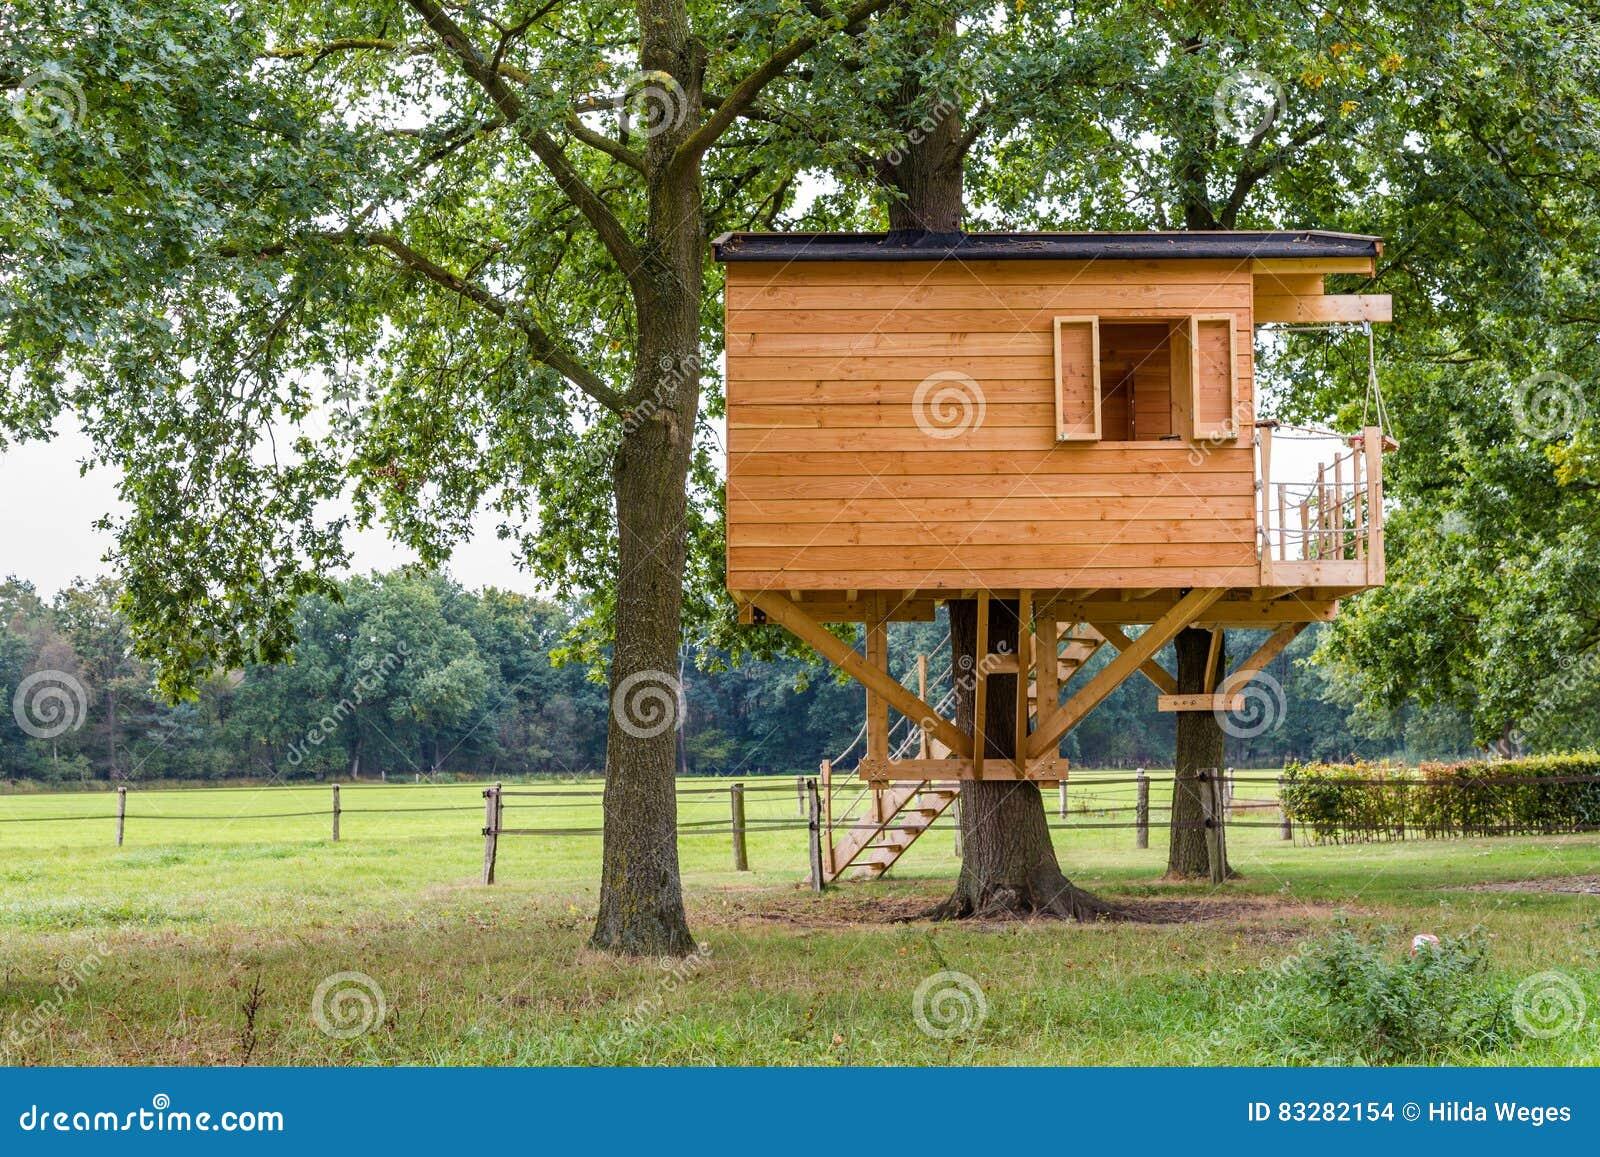 cabane dans un arbre en bois photo stock image du objet haut 83282154. Black Bedroom Furniture Sets. Home Design Ideas